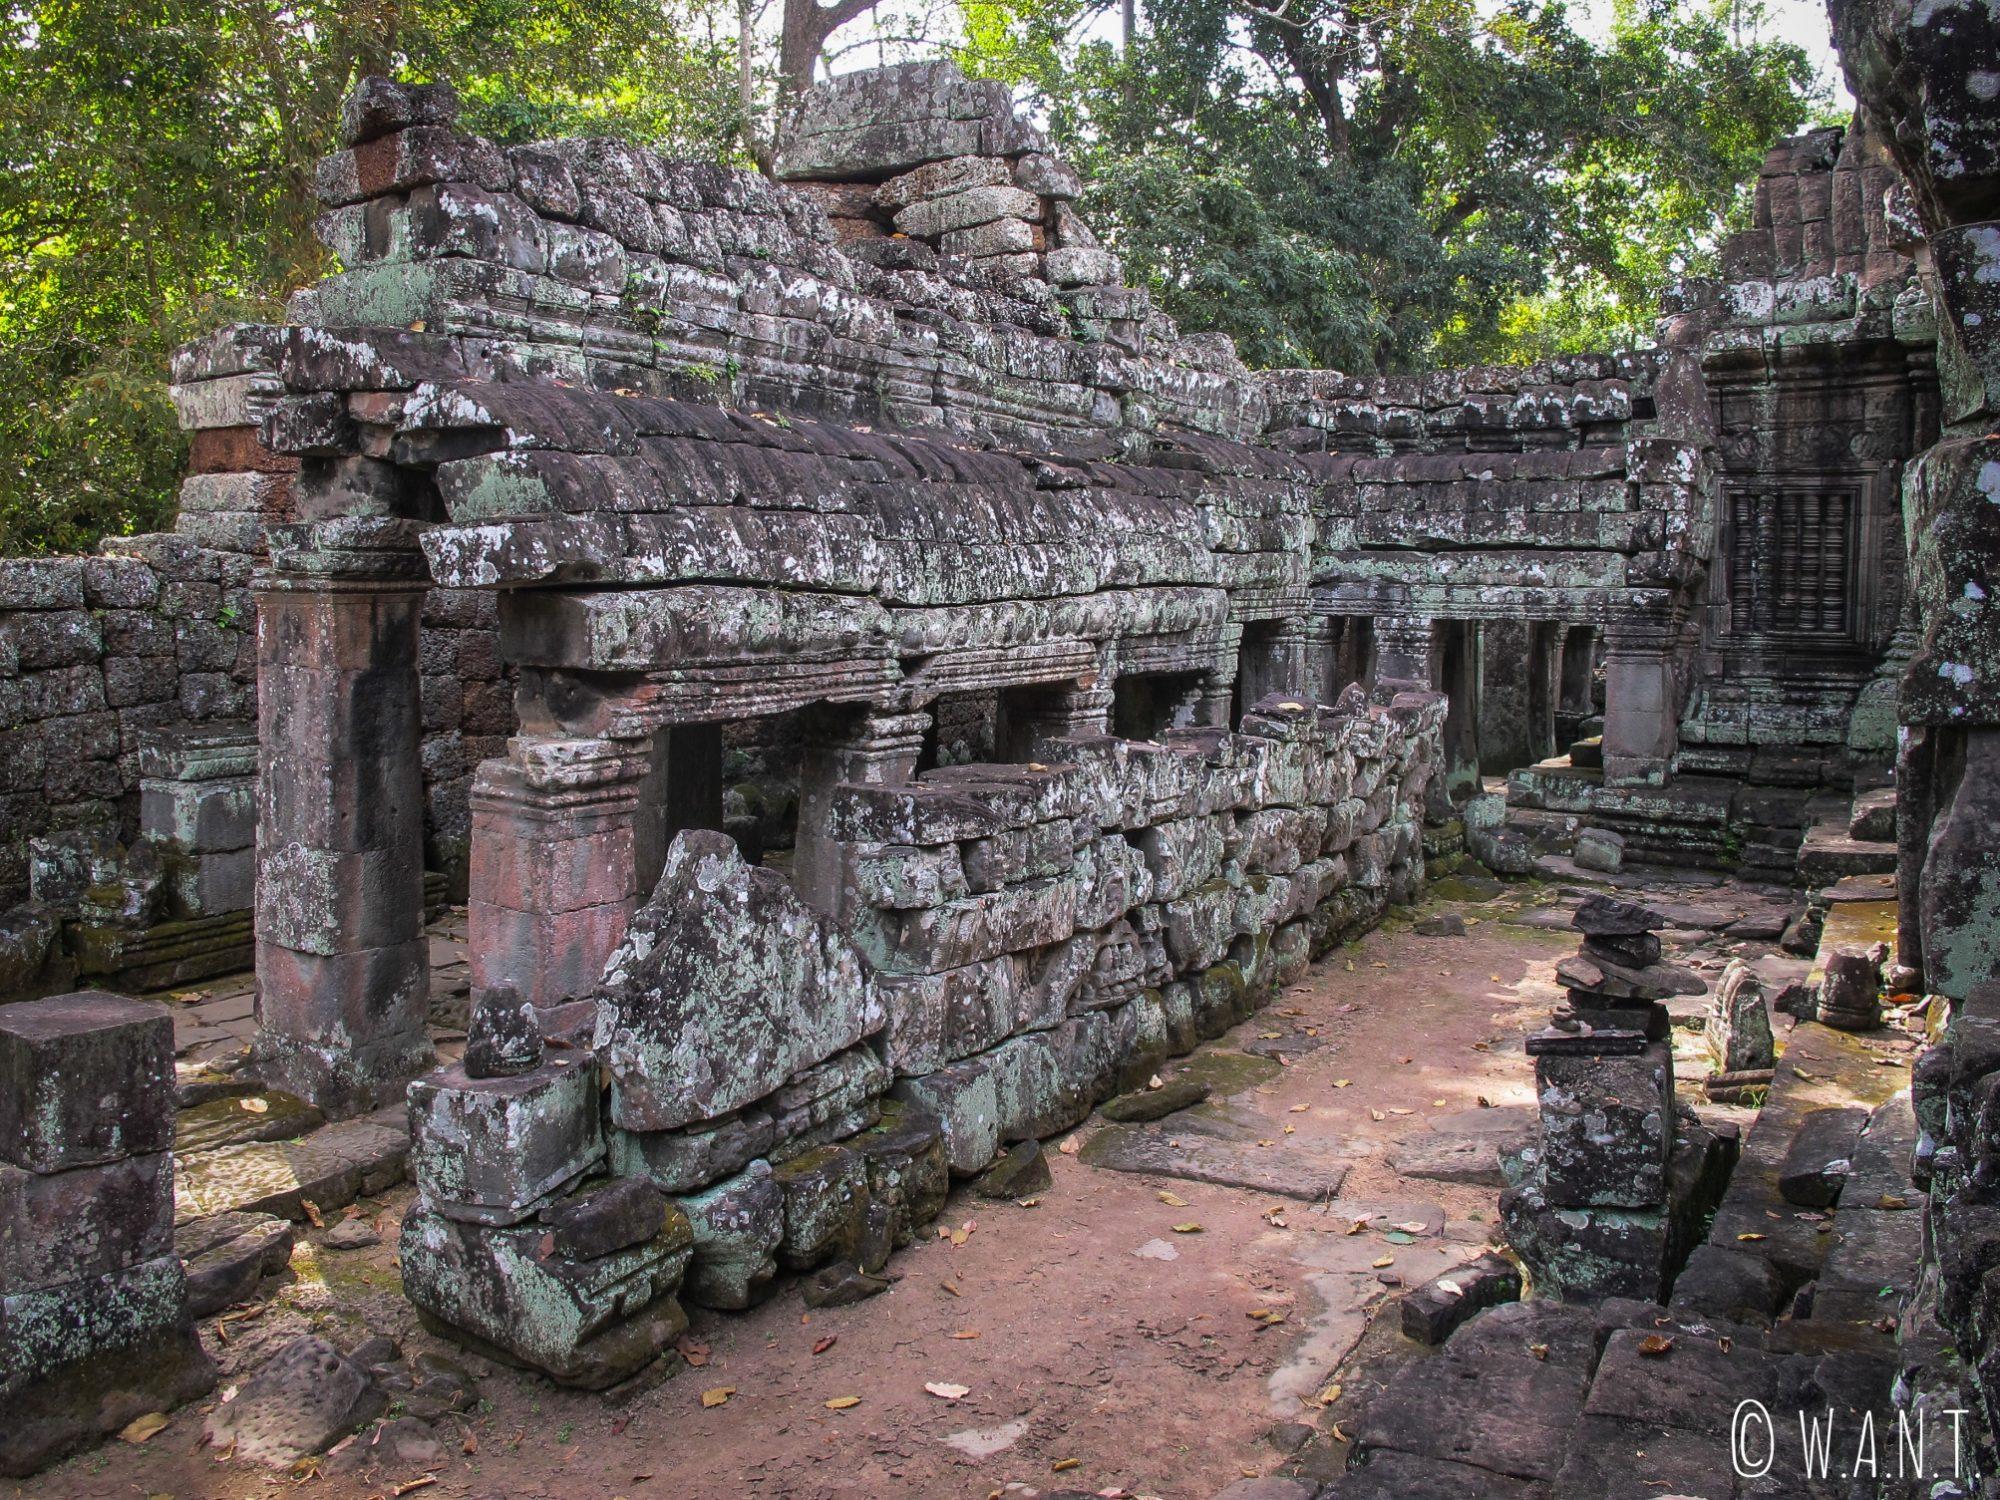 Bâtiment du temple Banteay Kdei d'Angkor